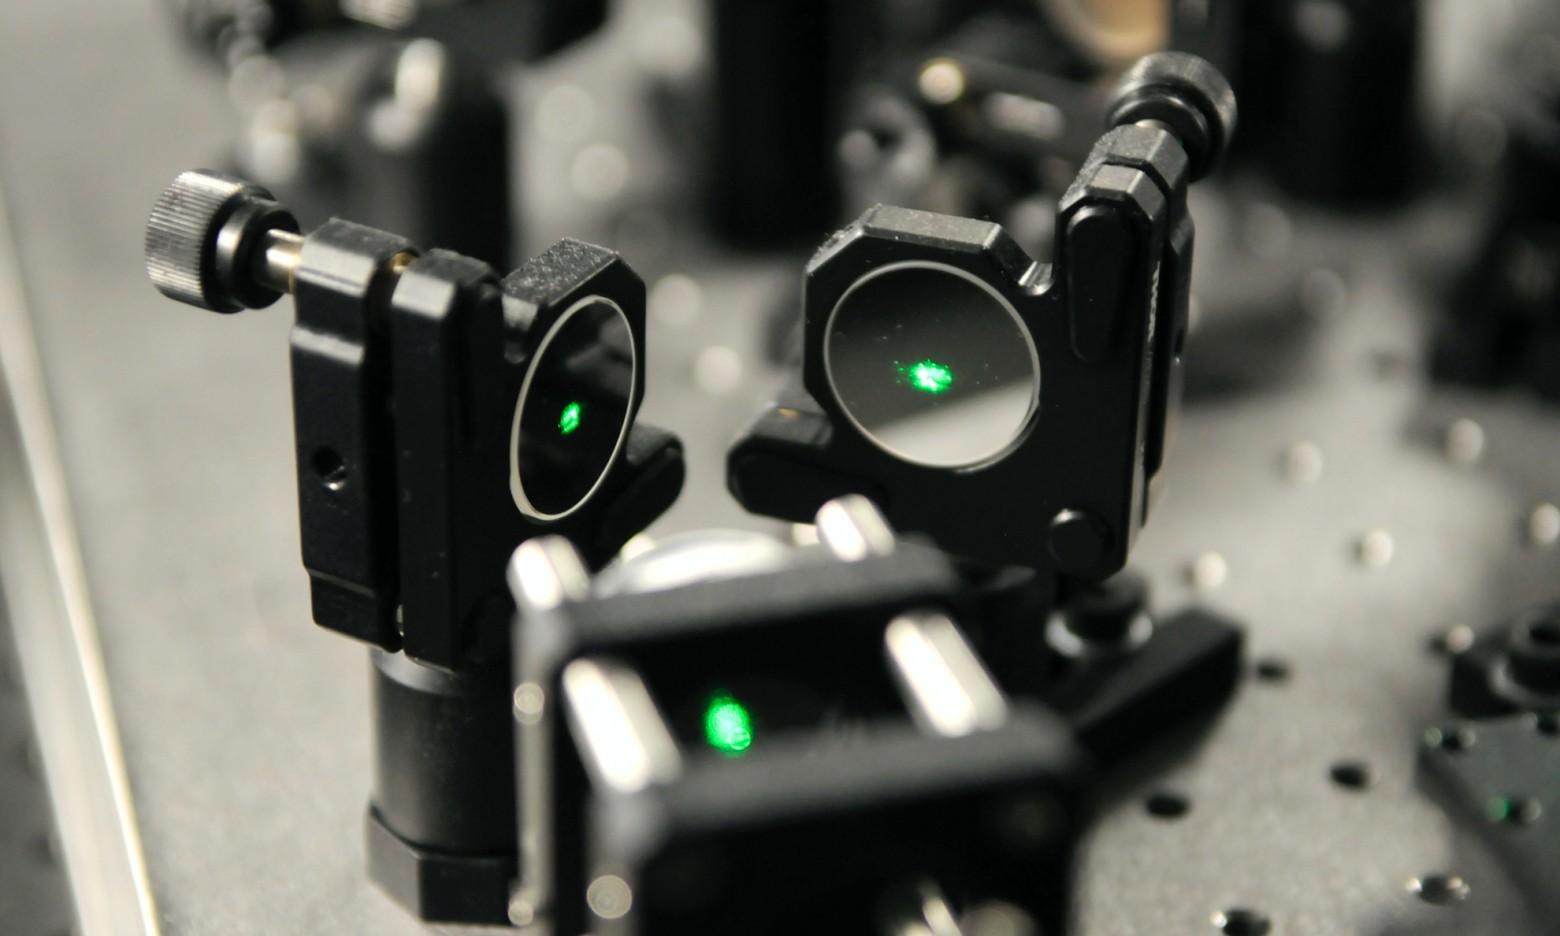 Новый рекорд квантовой телепортации по оптоволокну: 6,2 км по прямой - 1